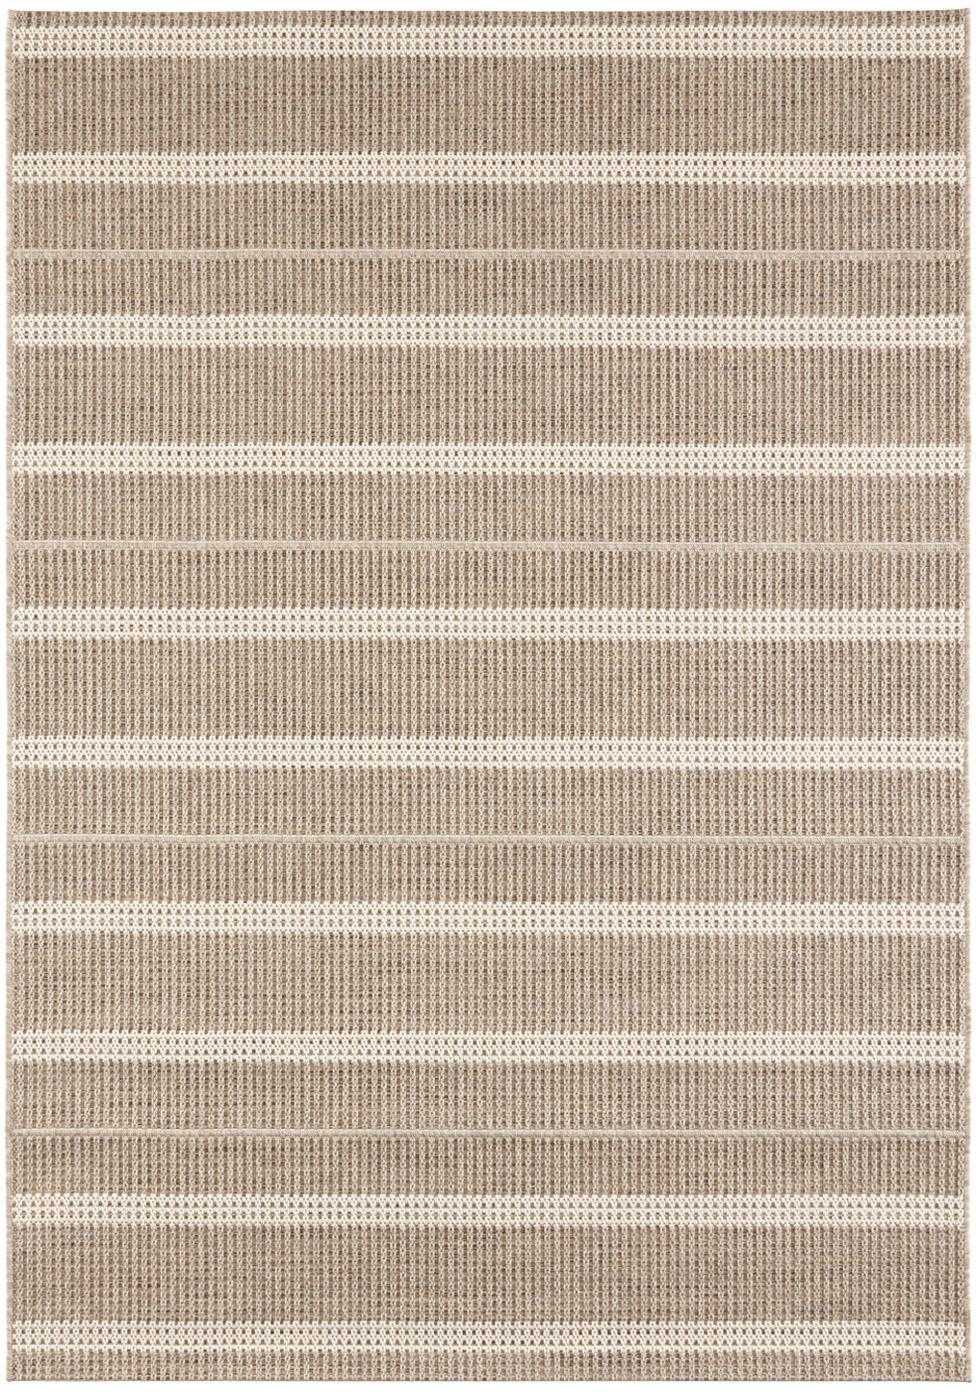 In- en outdoor vloerkleed Laon, jute-look, Polypropyleen, Bruin, beige, B 120 x L 170 cm (maat S)